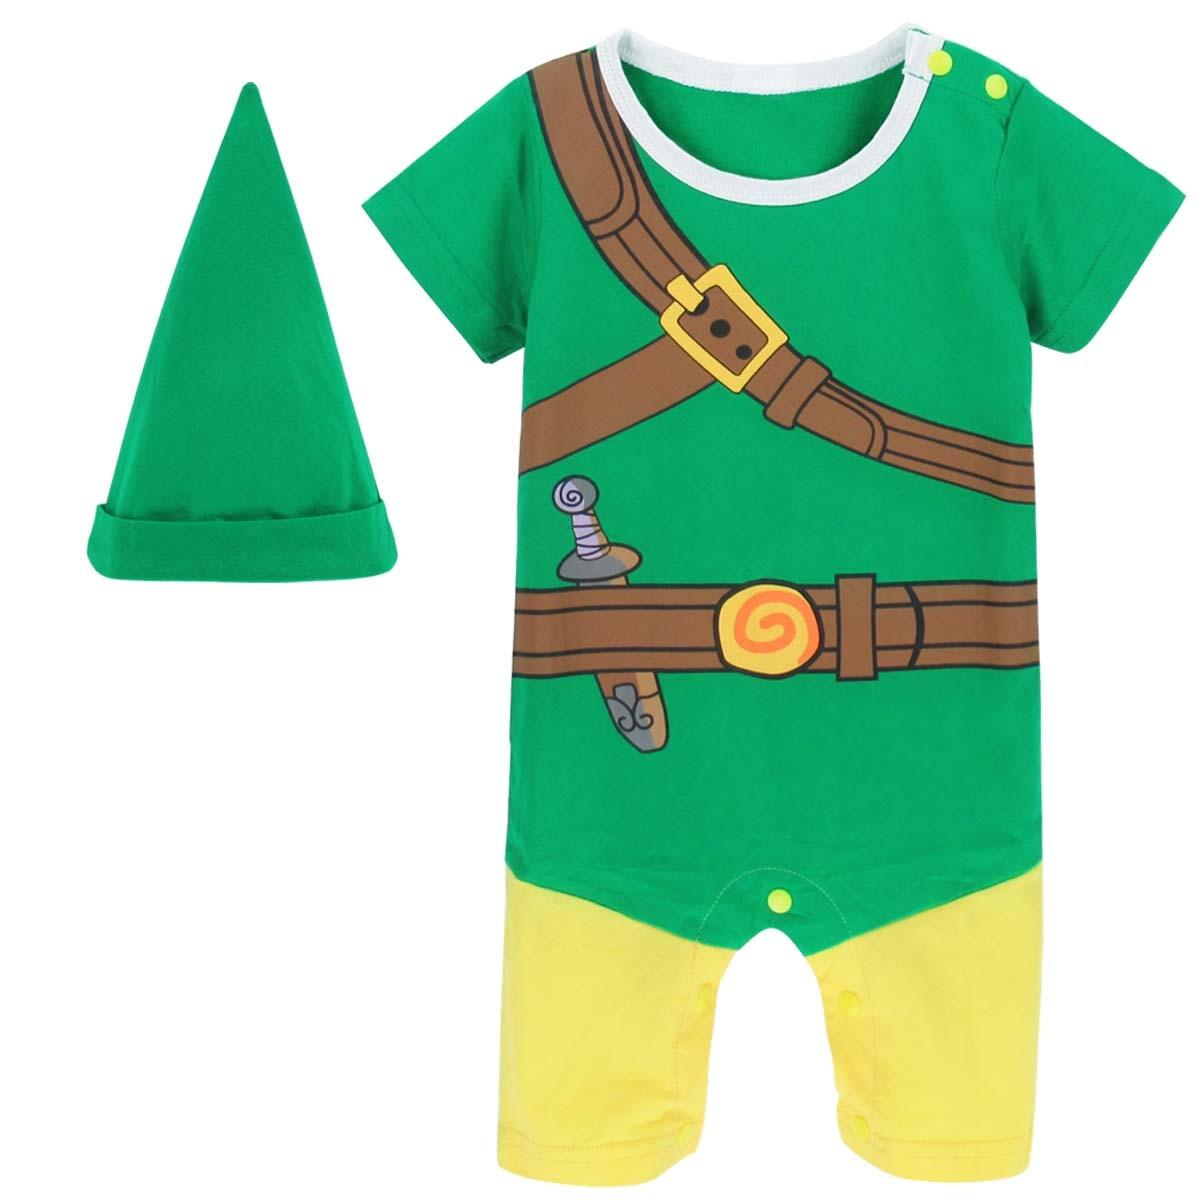 Bebê meninos zelda link traje macacão infantil cosplay playsuits macacão recém-nascido helloween traje para o menino verão roupas de inverno